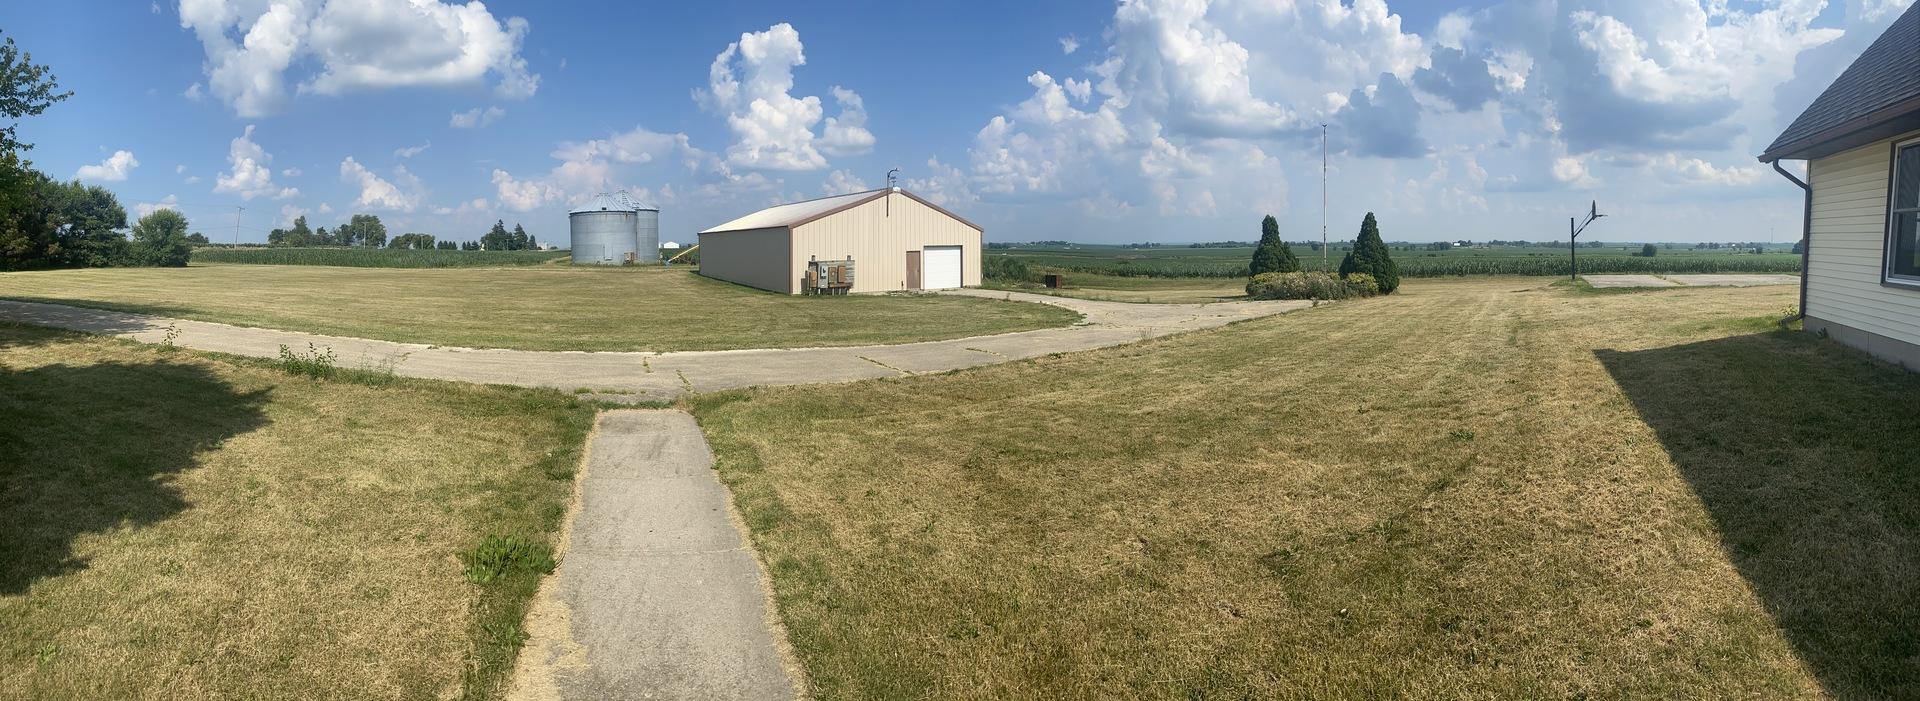 2197 Quarry, Ashton, Illinois, 61006